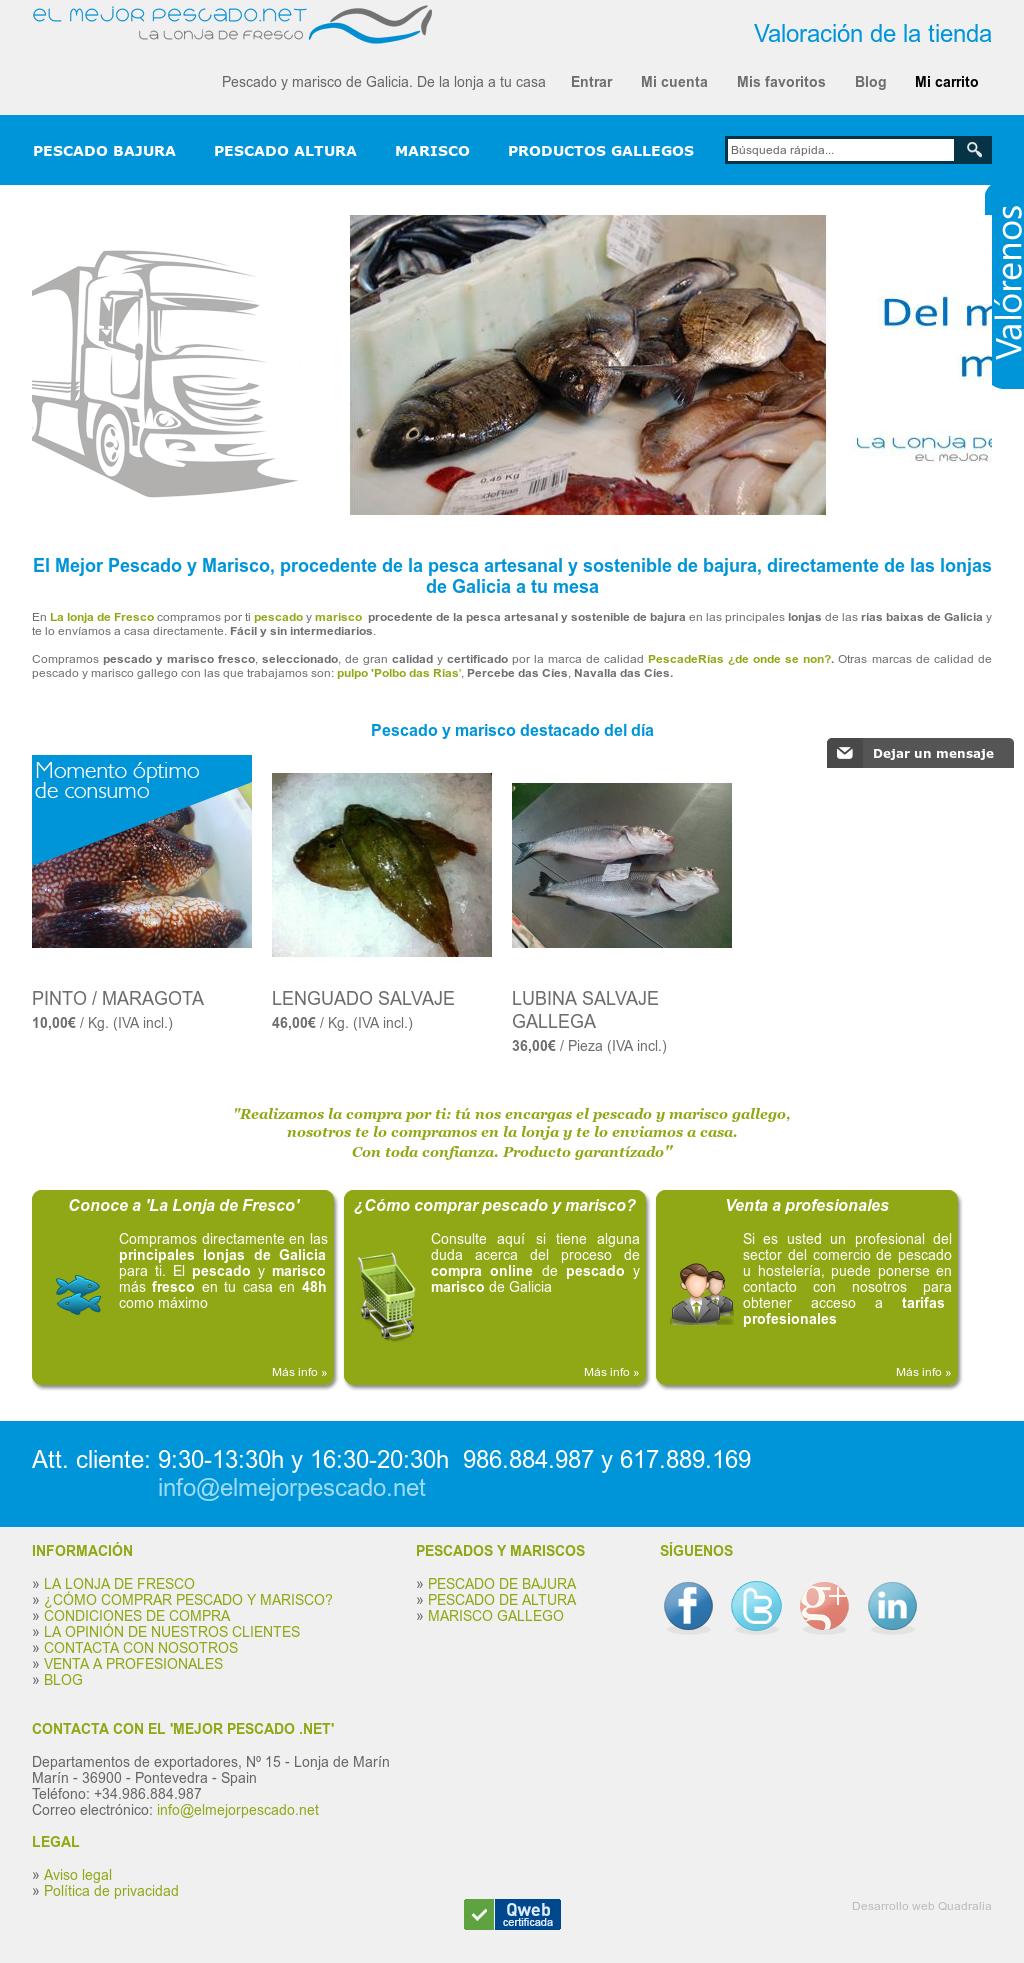 Comprar pescado gallego online dating